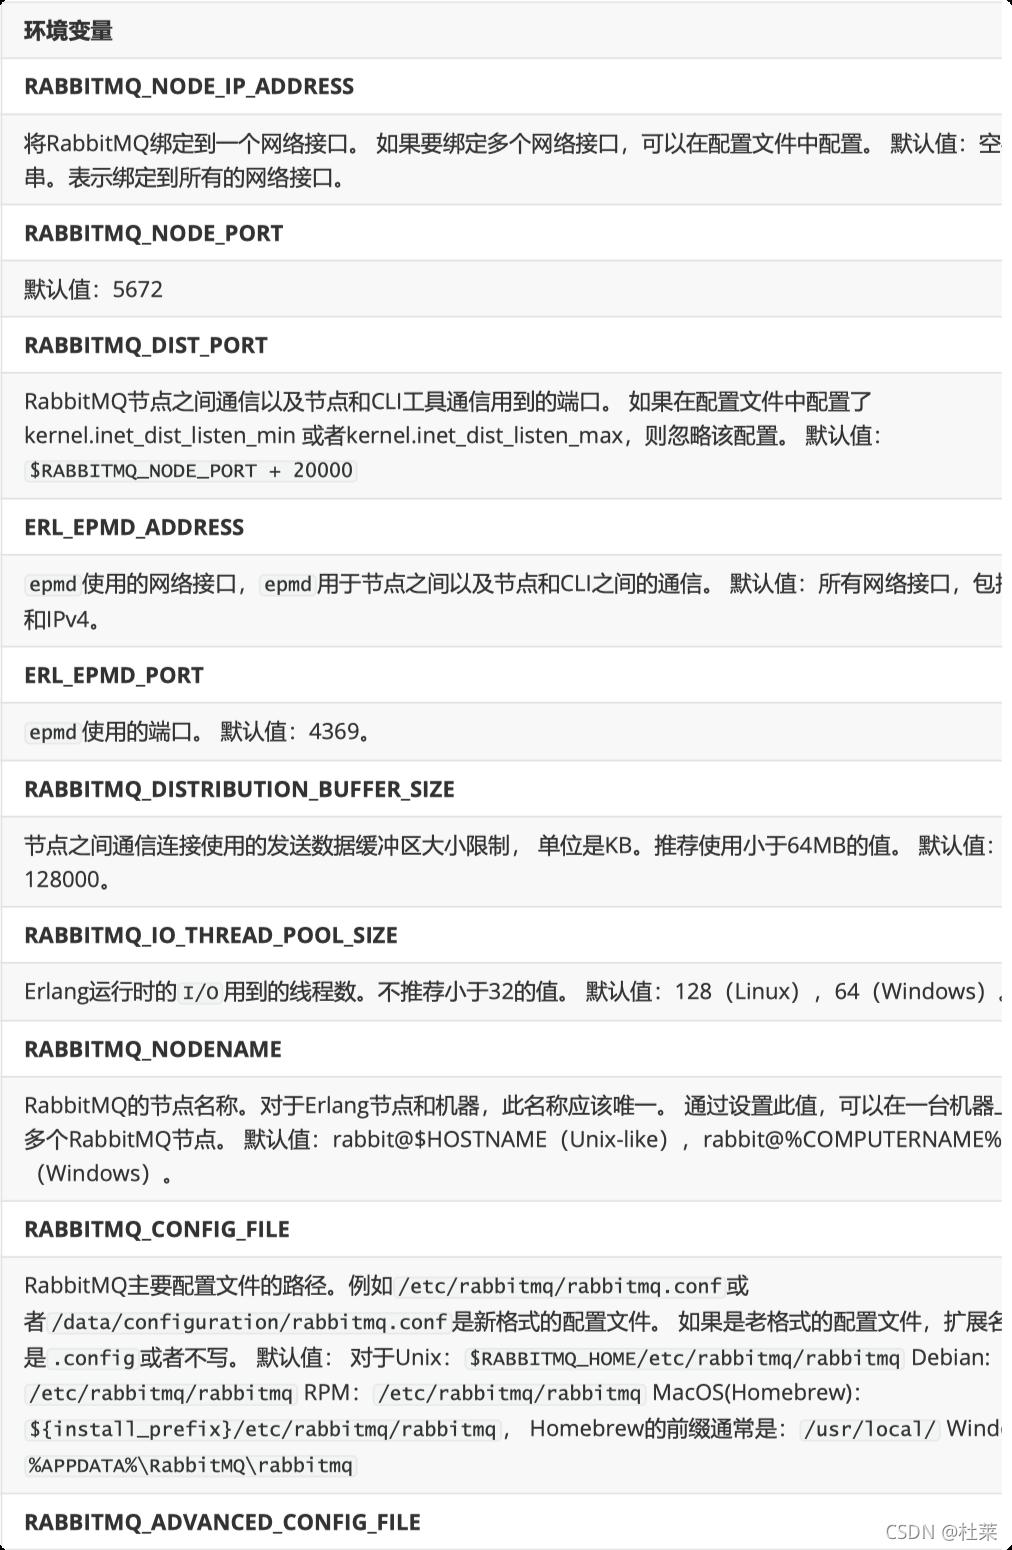 [外链图片转存失败,源站可能有防盗链机制,建议将图片保存下来直接上传(img-2n9pO475-1631776584298)(https://b3logfile.com/siyuan/1619927307428/assets/image-20210905194203-trk7i6m.png)]